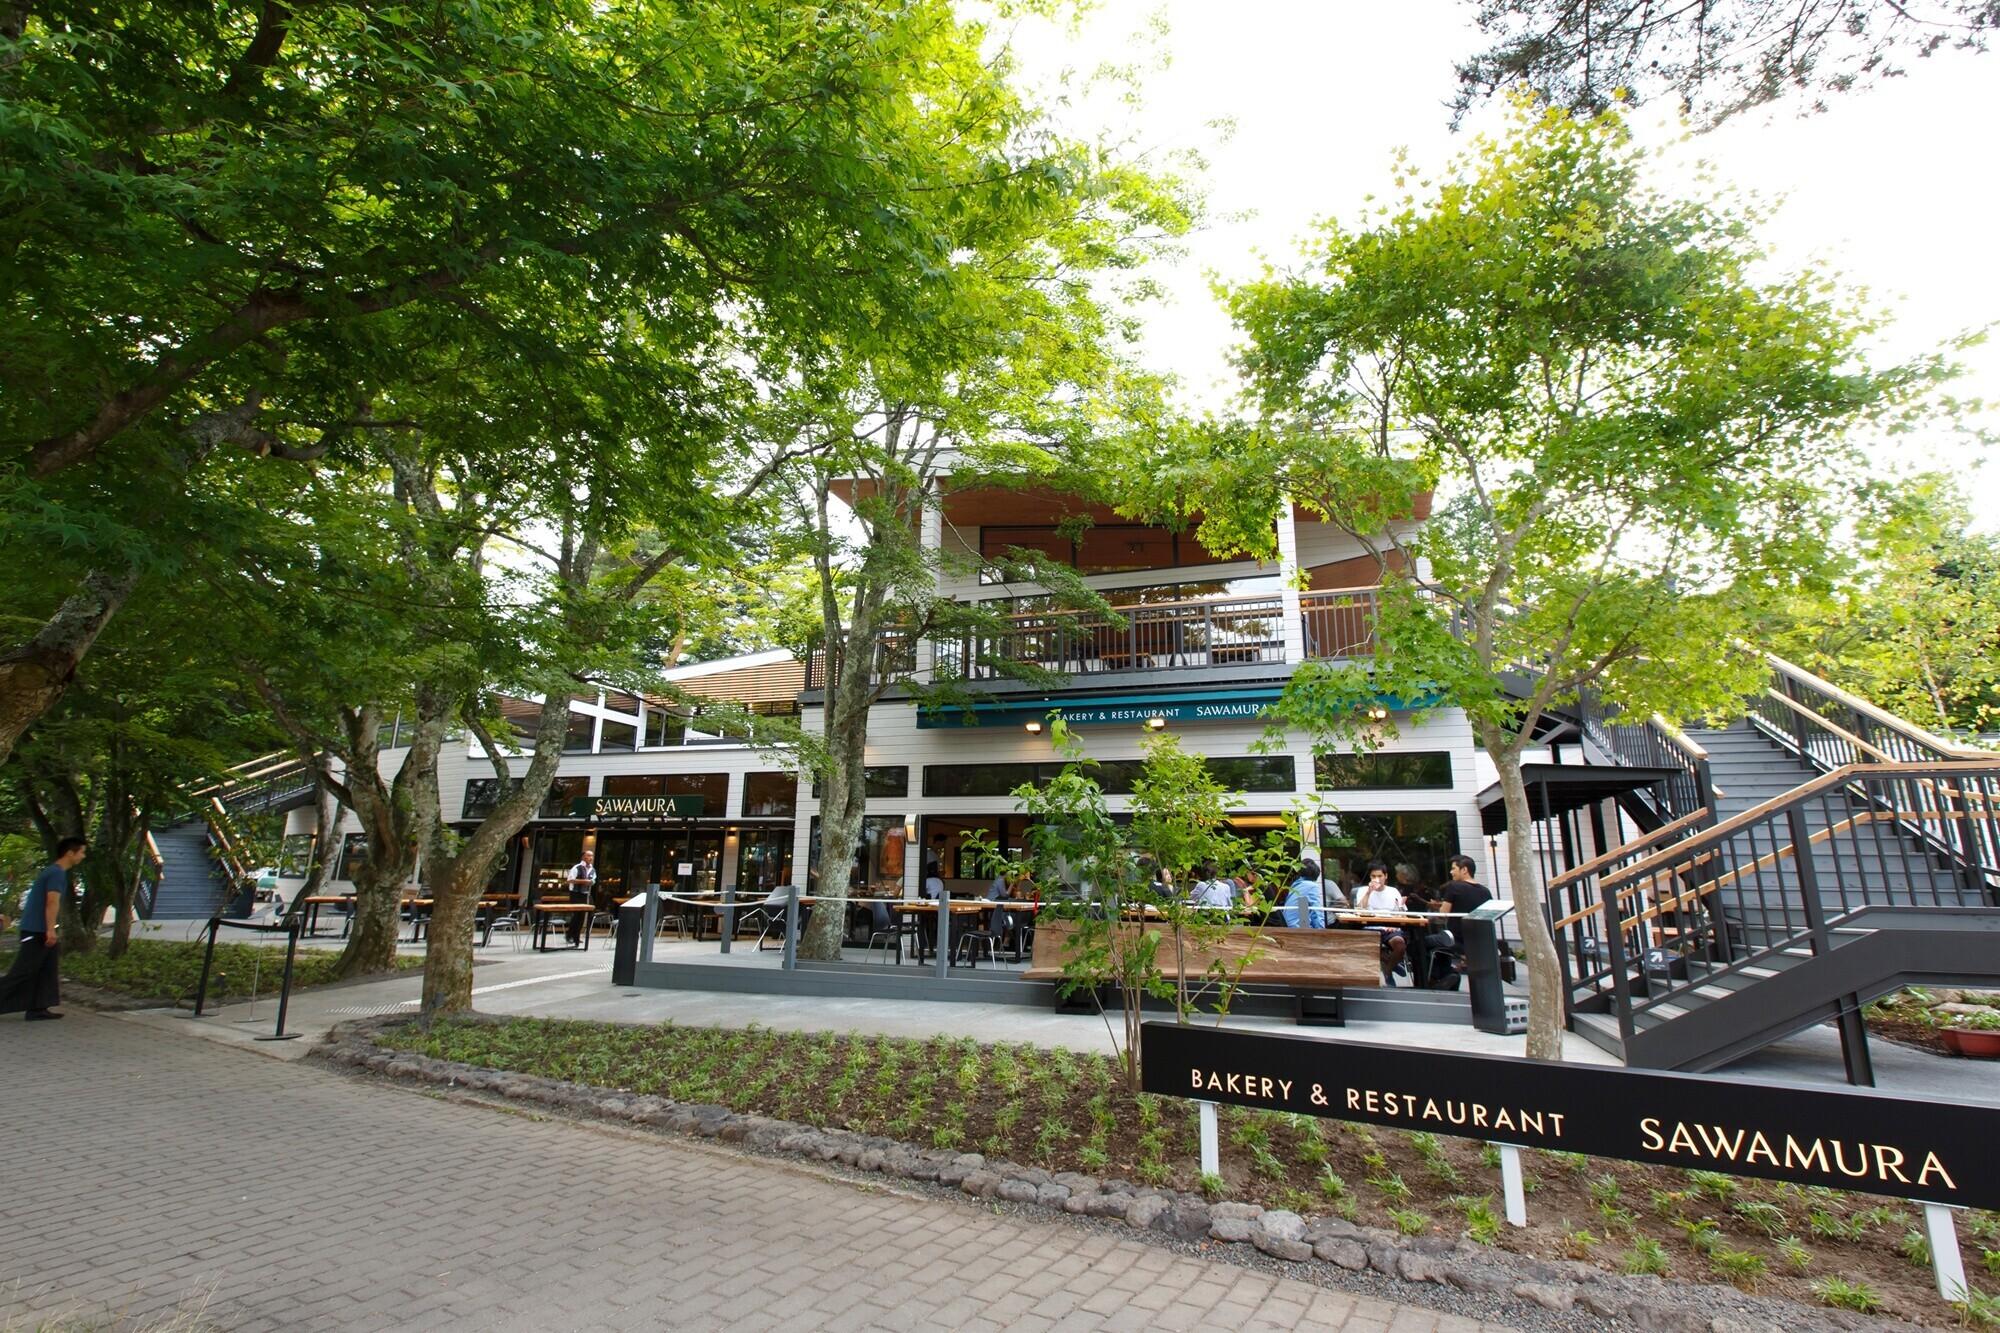 ベーカリー&レストラン沢村旧軽井沢 / 自然豊かな大型木造の建築事例写真